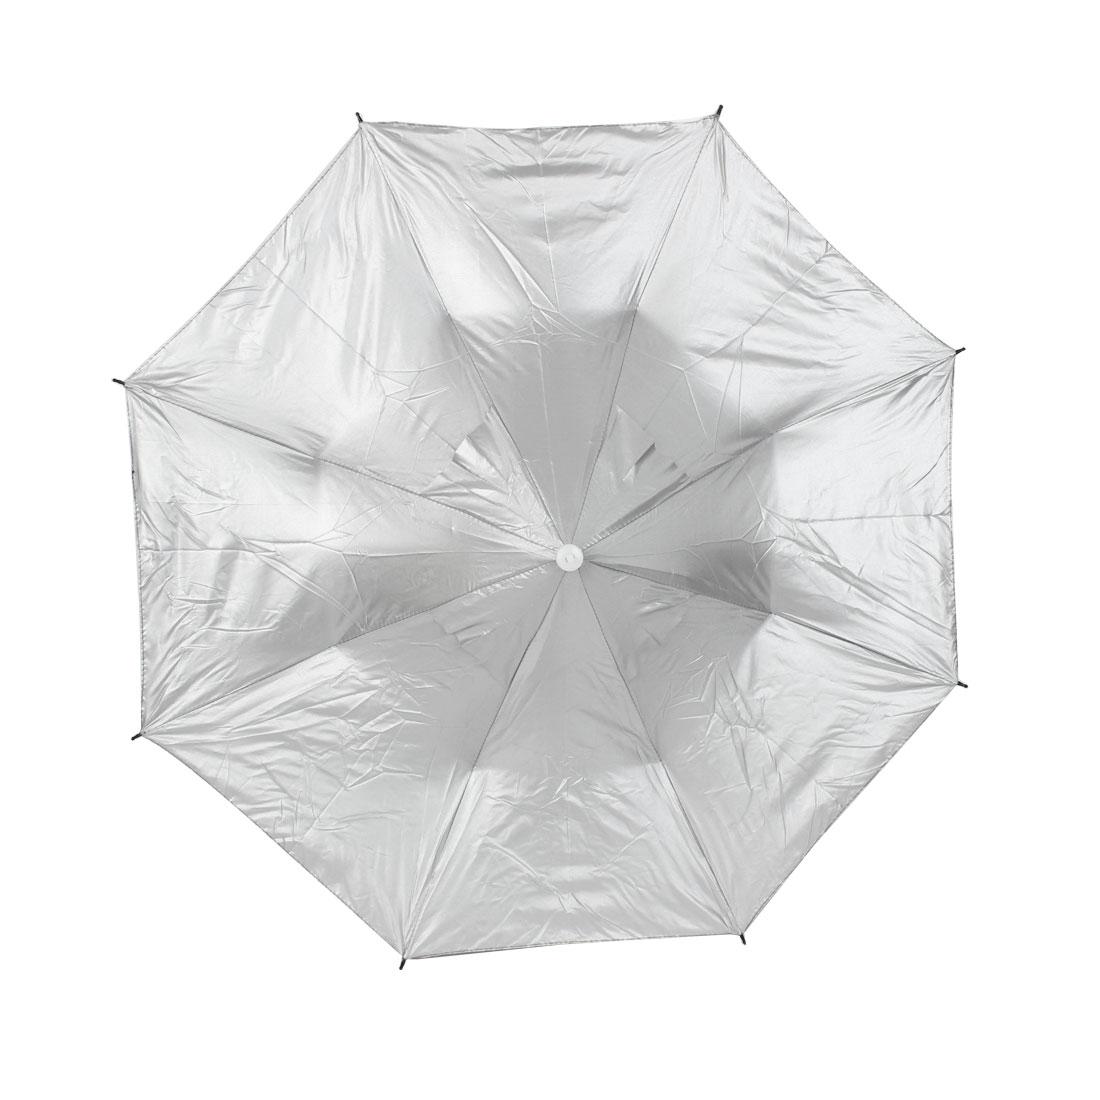 Portable Elastic Headband Canopy Golf Fishing Umbrella Ha...